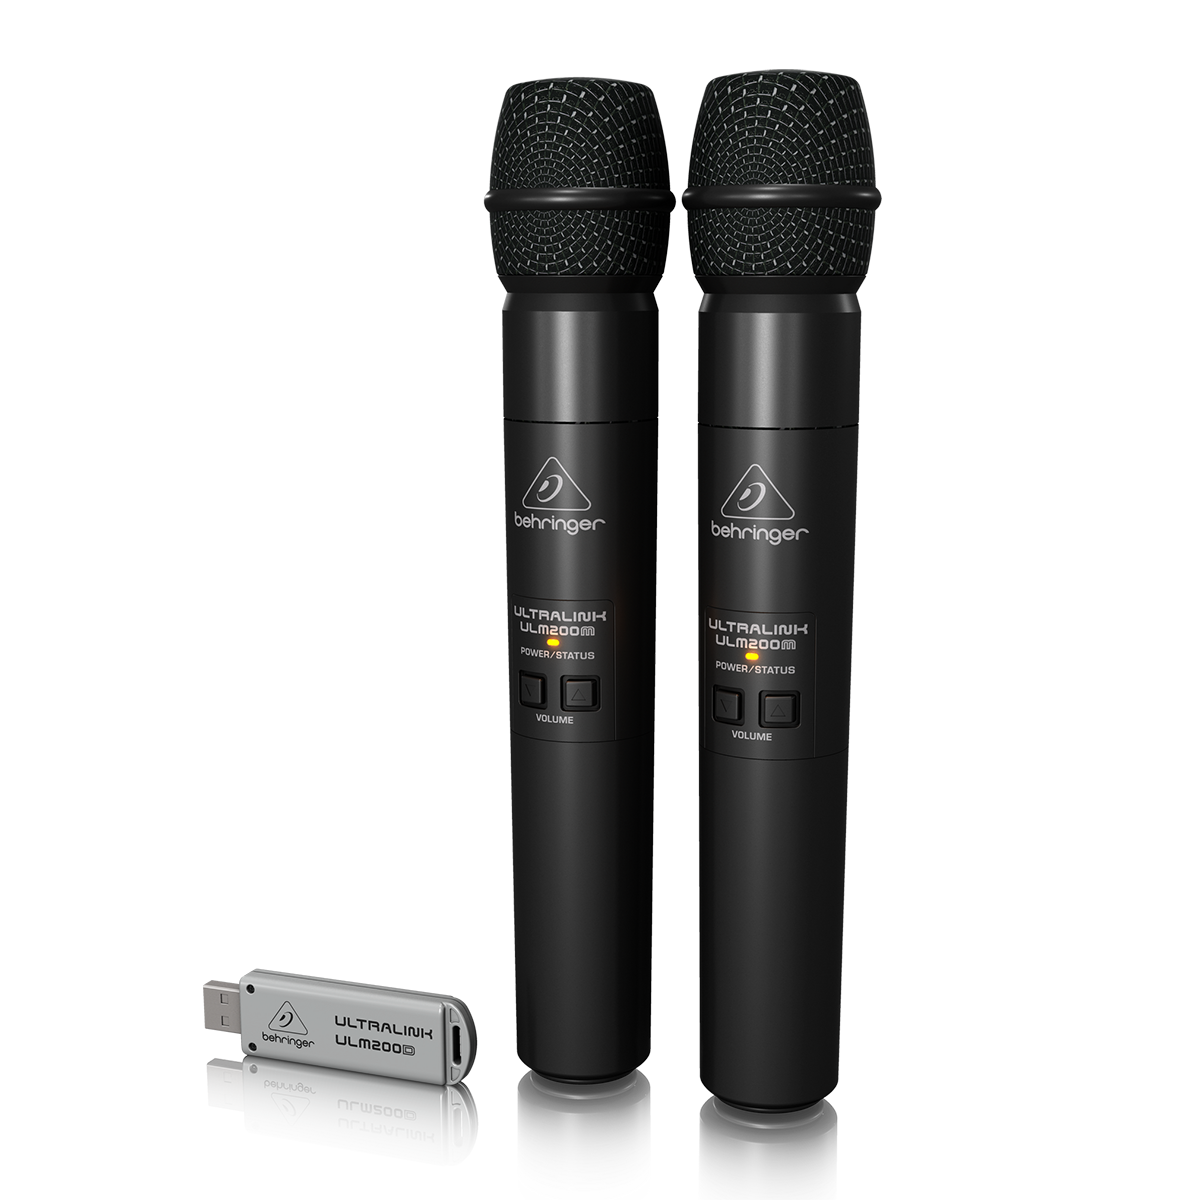 Billede af Behringer ULM202USB håndholdt,trådløsUSB-mikrofonx2